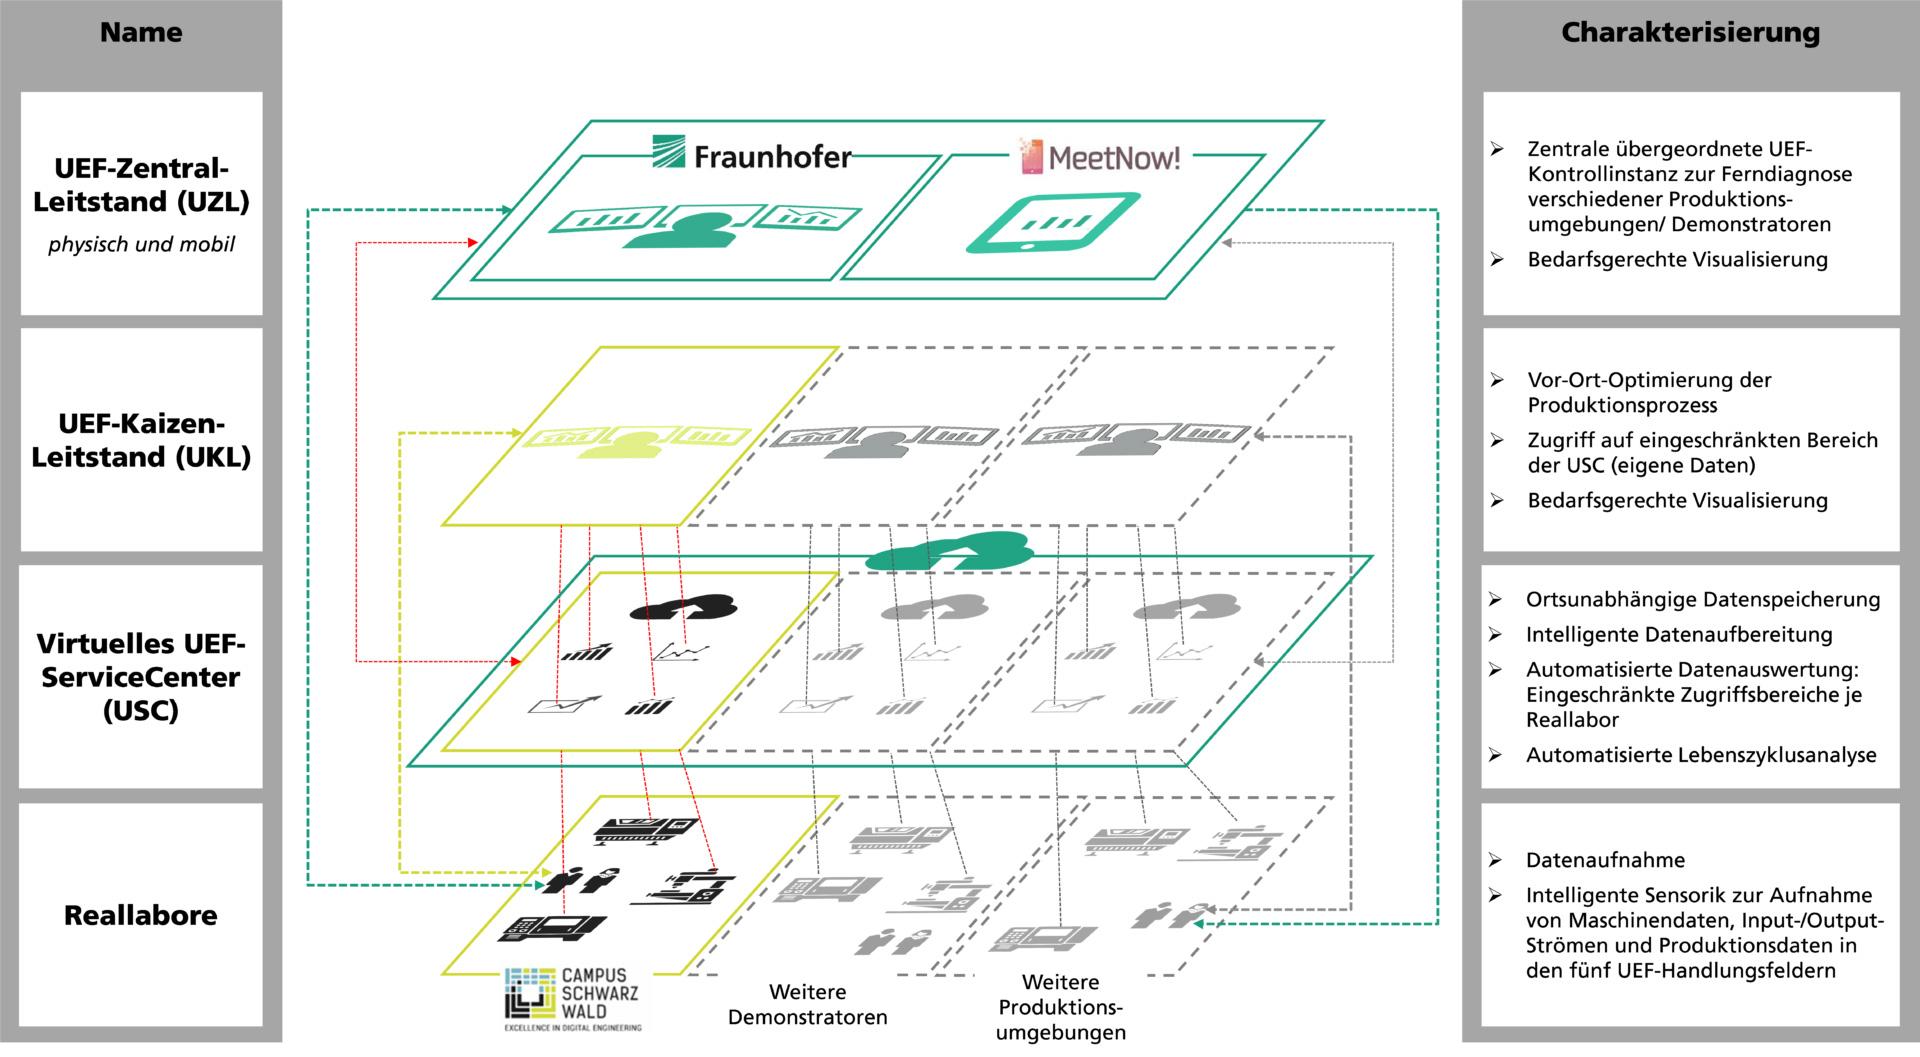 Aufbau von physischen und mobilen Ultraeffizienz-Leitständen